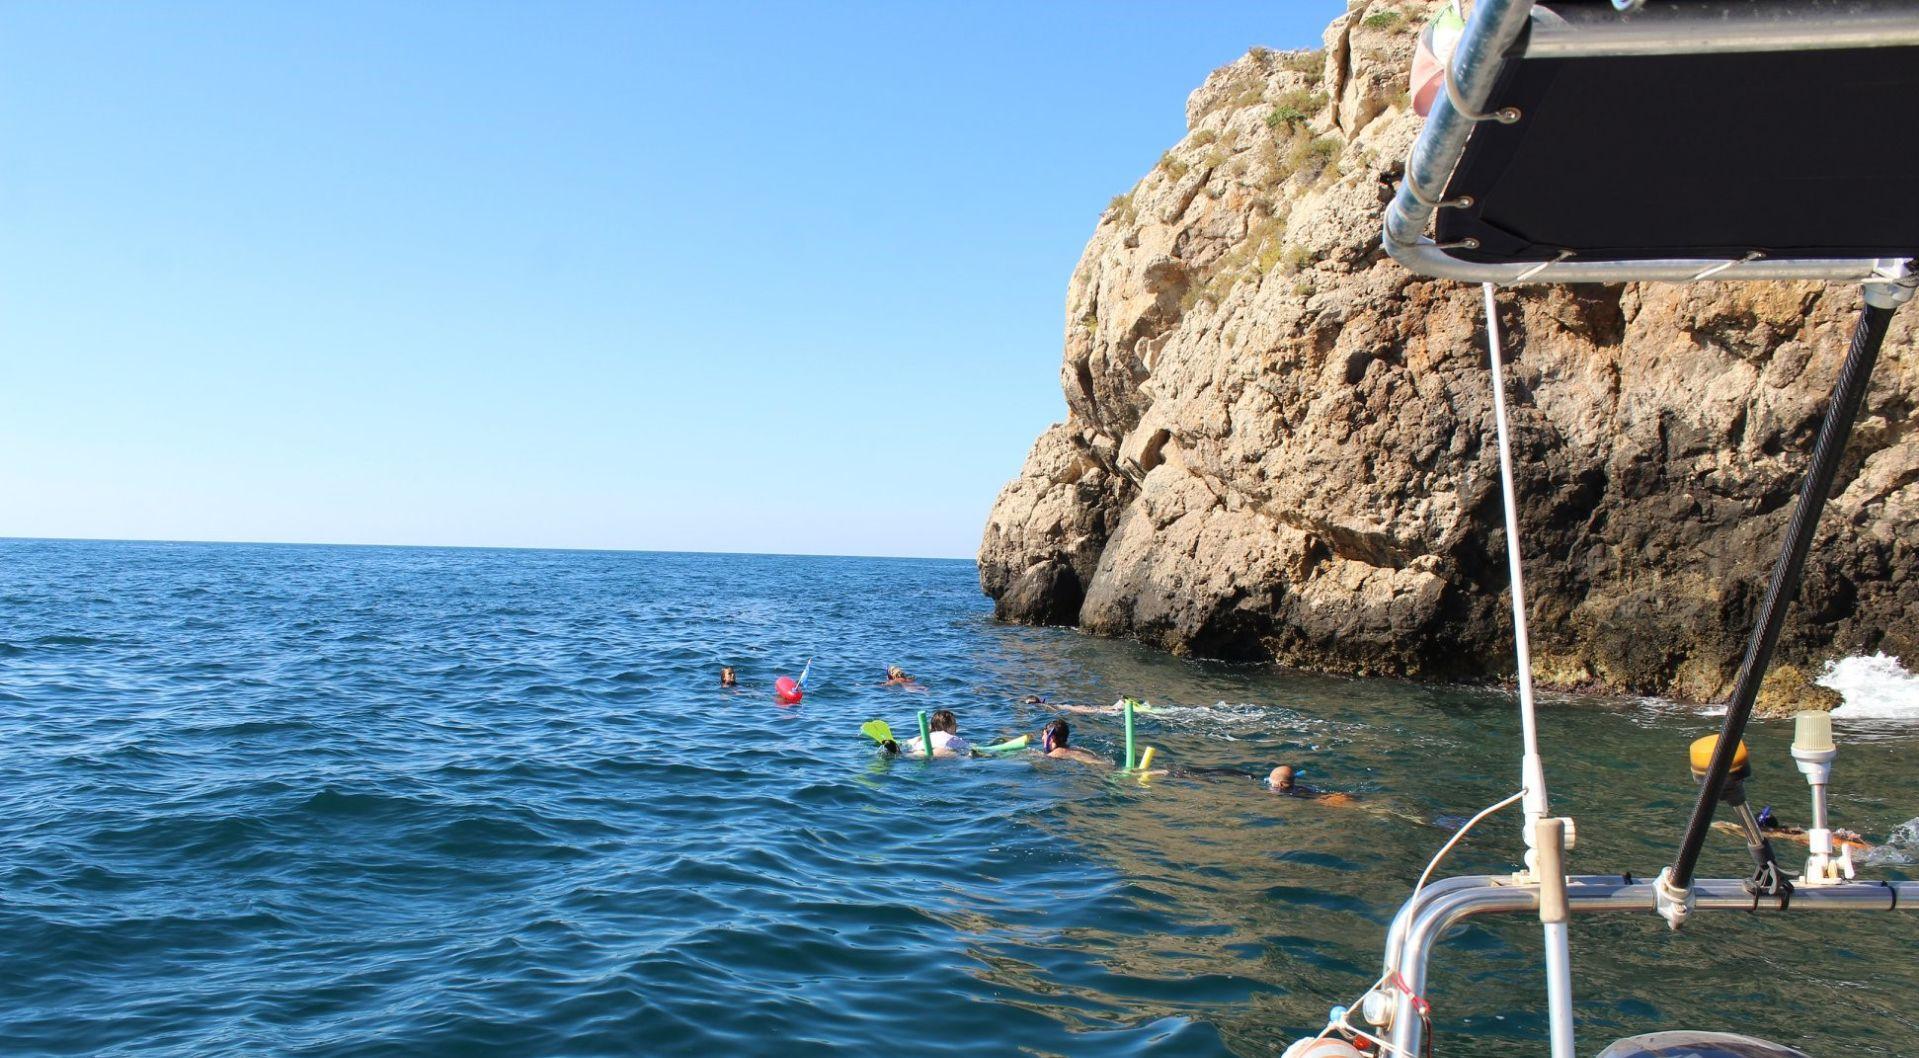 Escursione di snorkeling allo Scoglio dell'Eremita